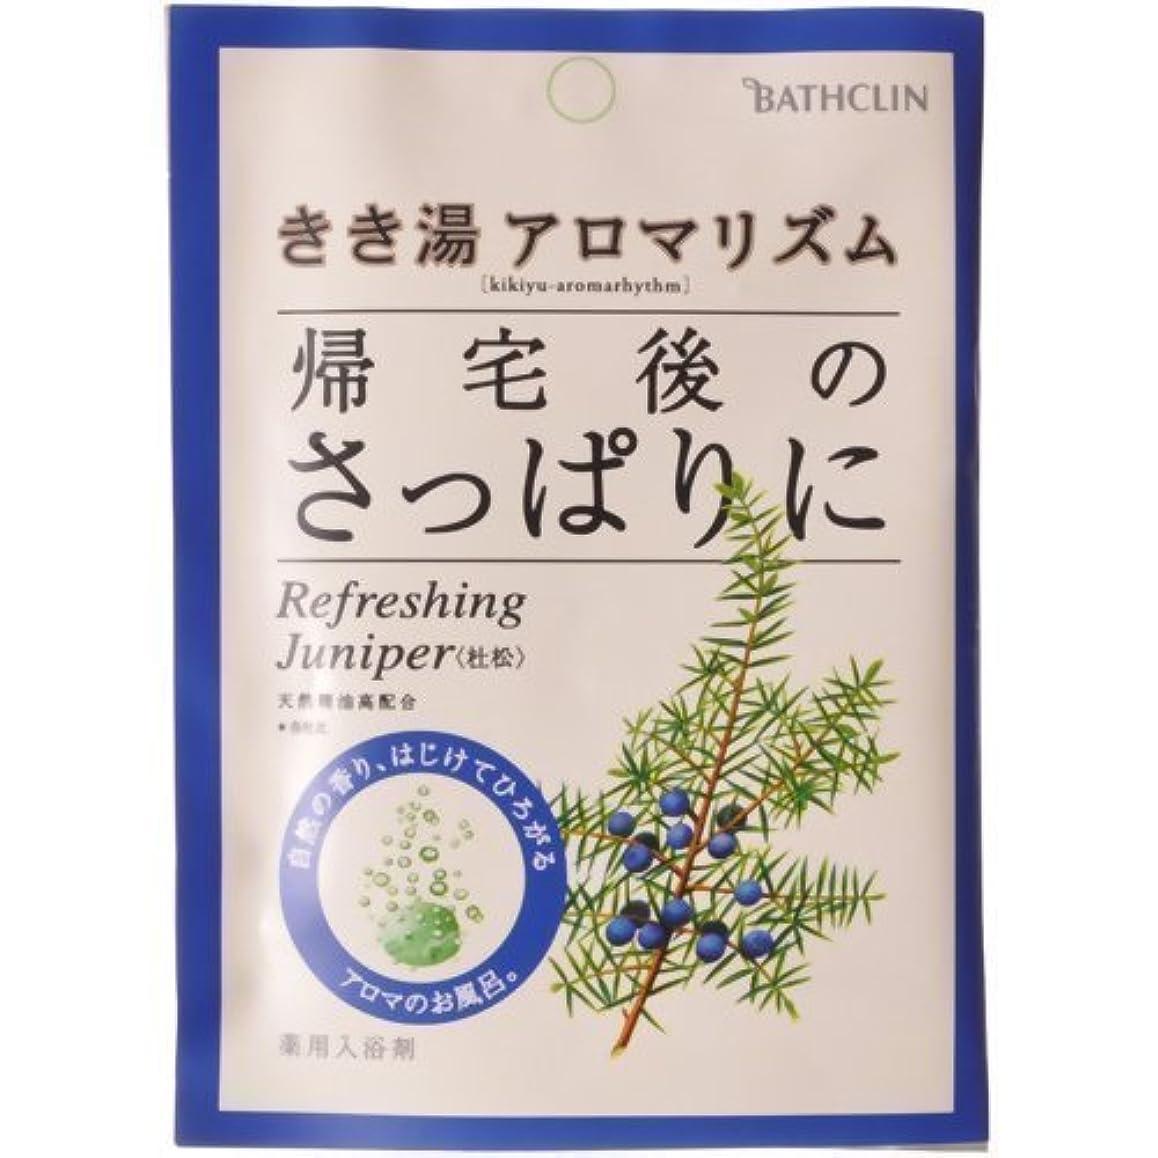 一目容量中国きき湯 アロマリズム リフレッシュジュニパーの香り 30g